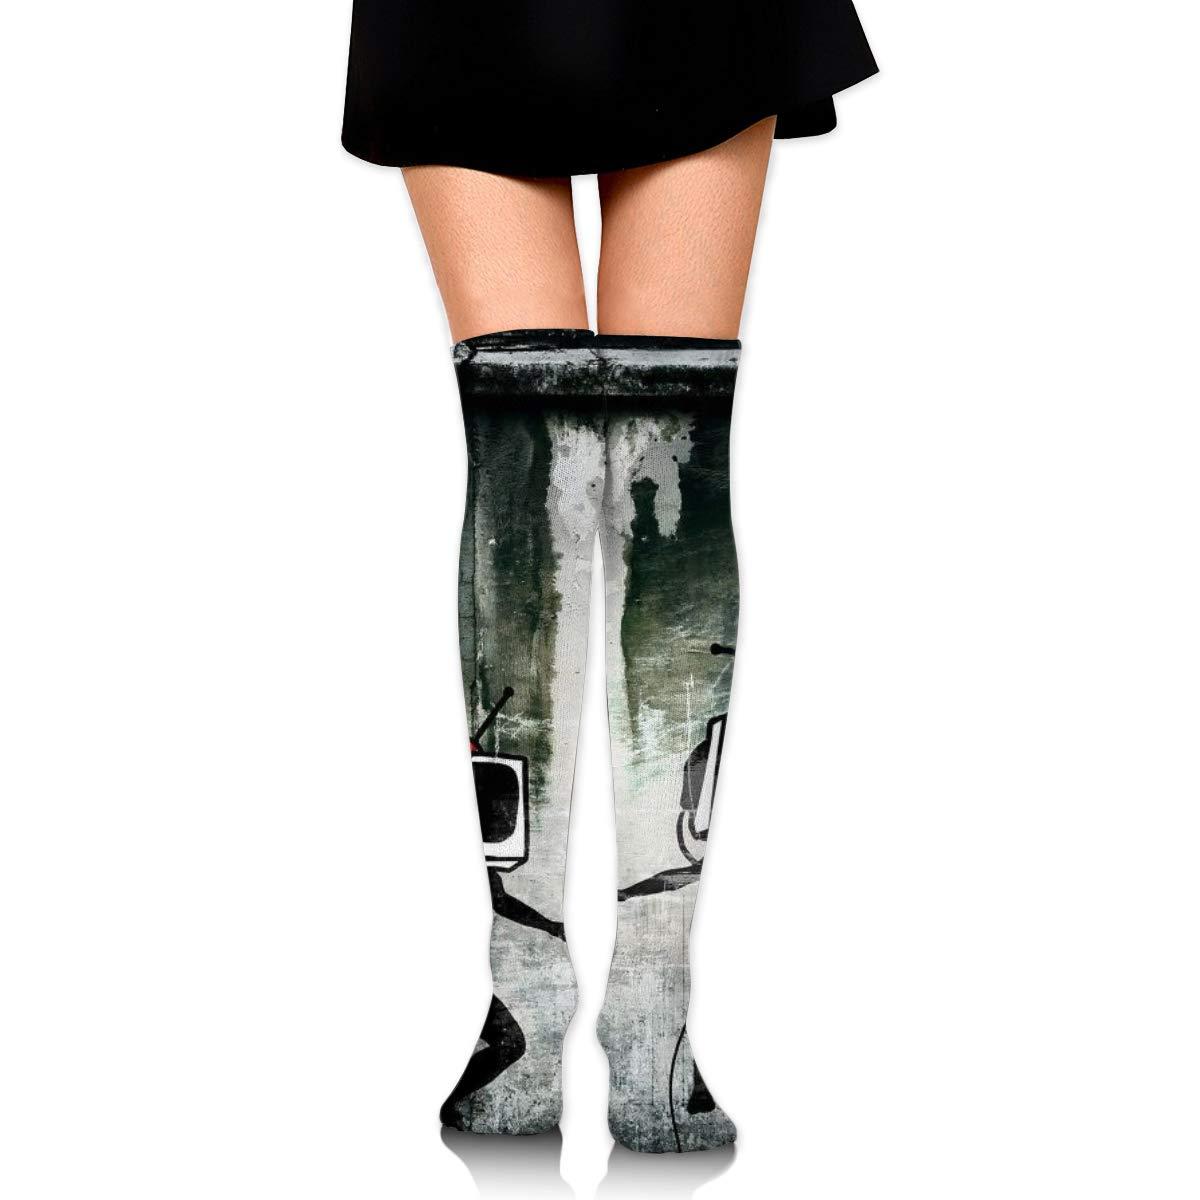 Kjaoi Girl Skirt Socks Uniform Street Radio Women Tube Socks Compression Socks